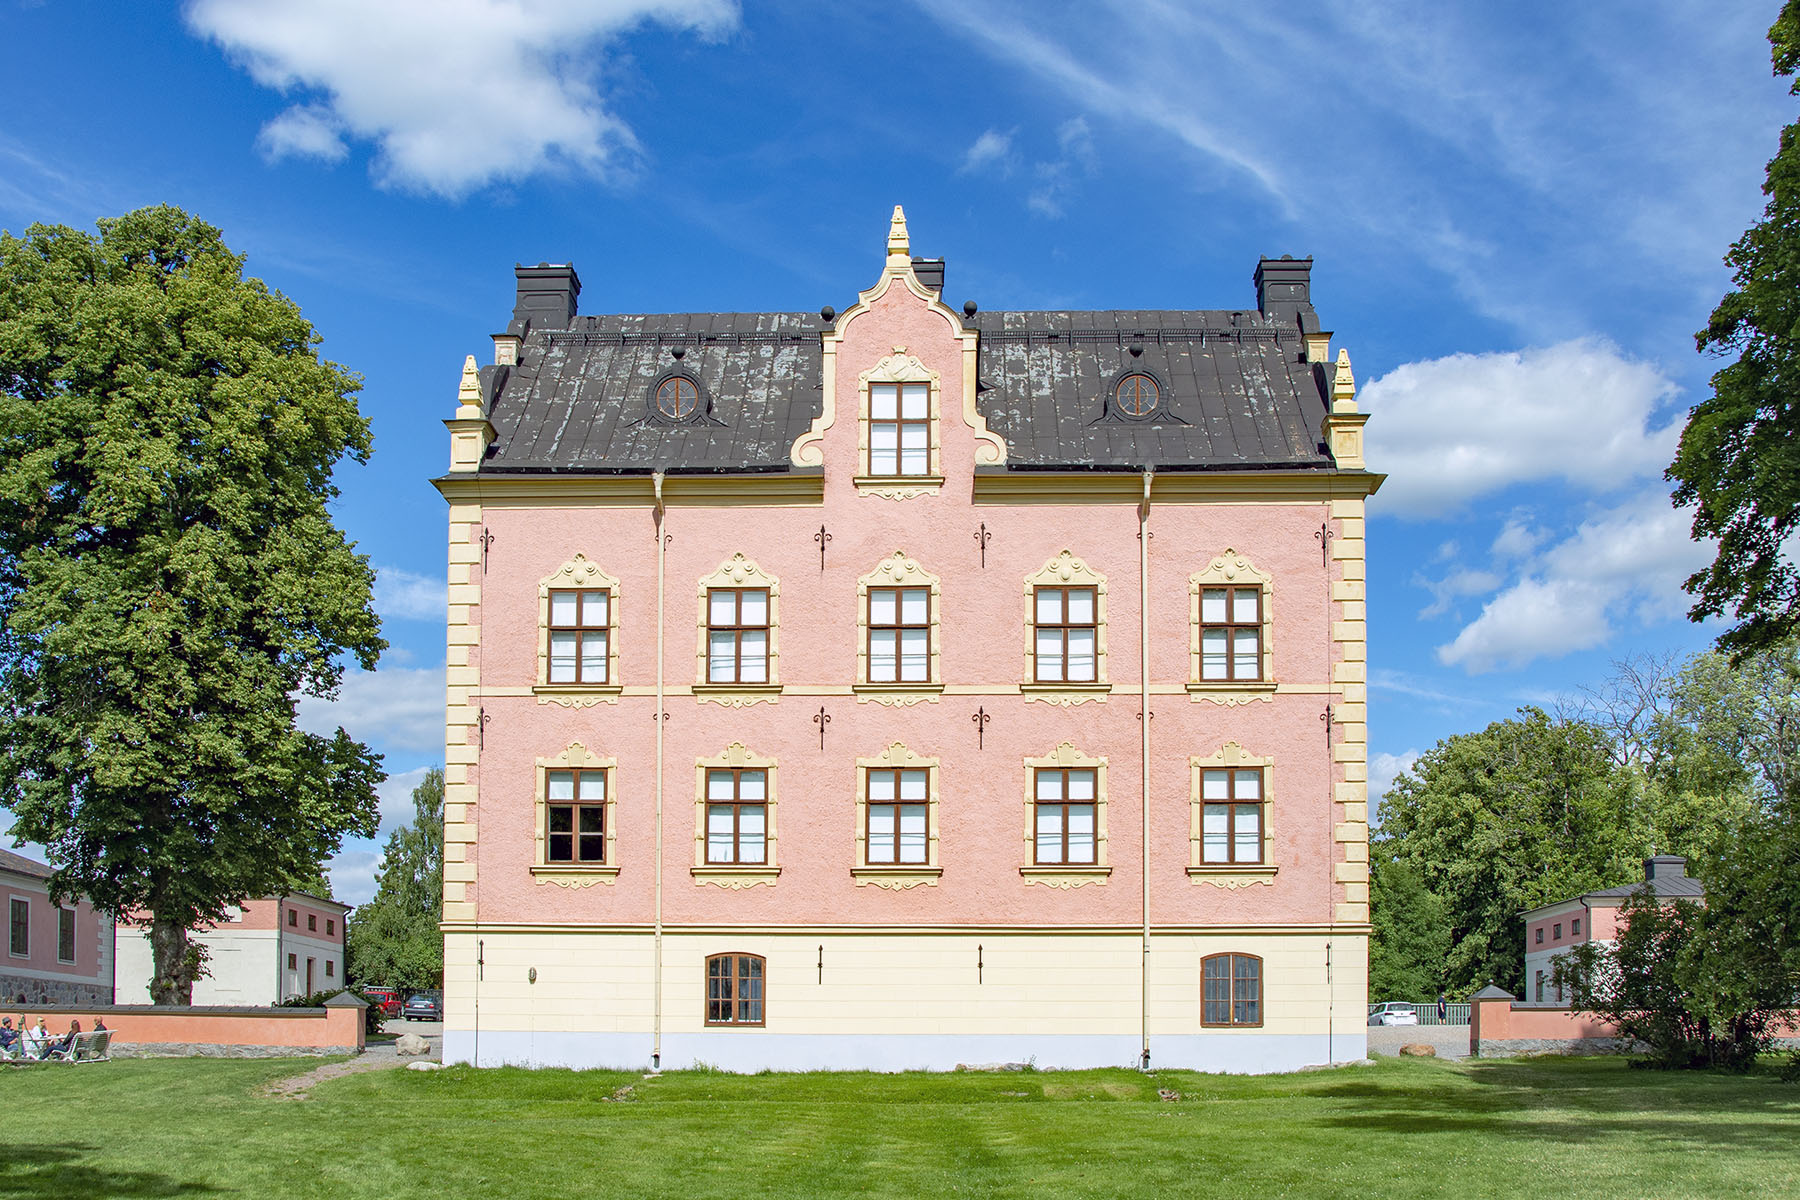 Skånelaholms slott